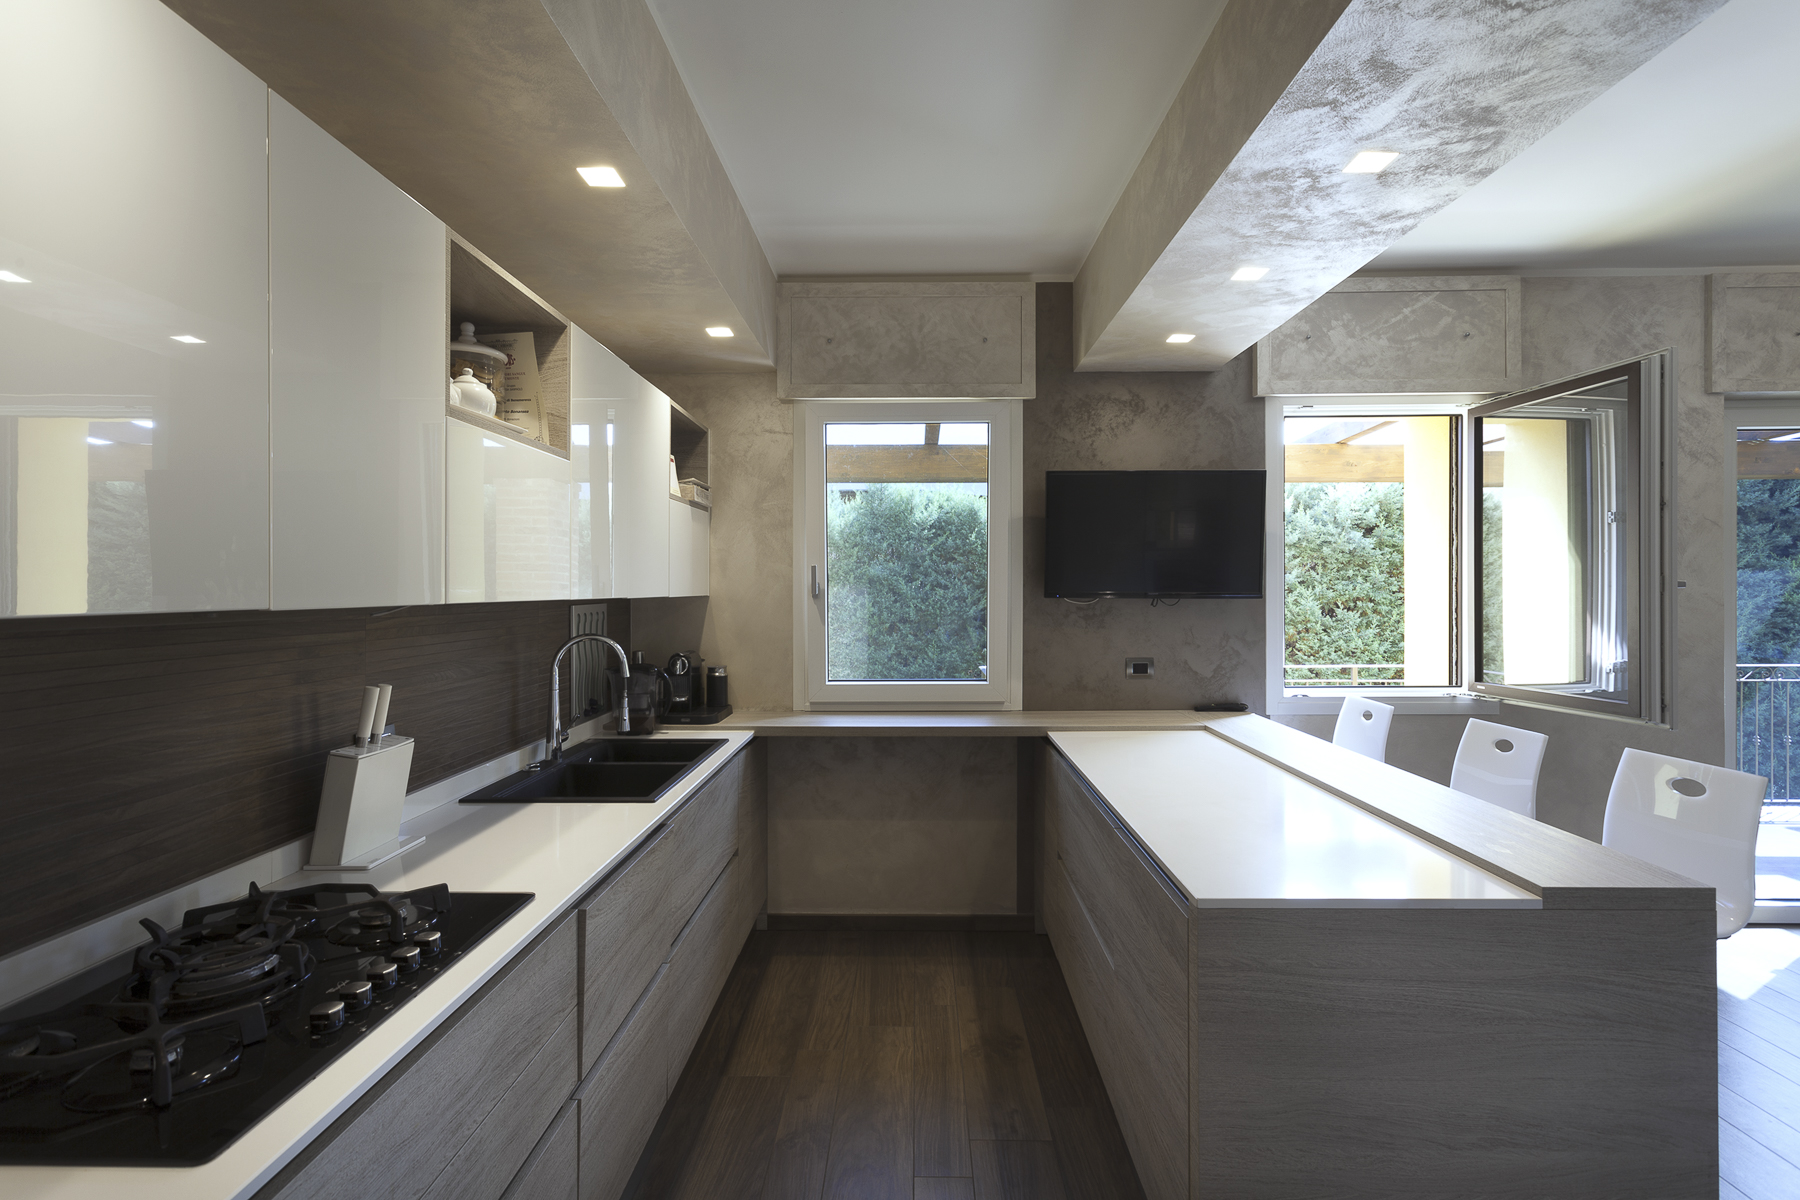 Casa indipendente in Vendita a Moncalieri: 5 locali, 250 mq - Foto 4